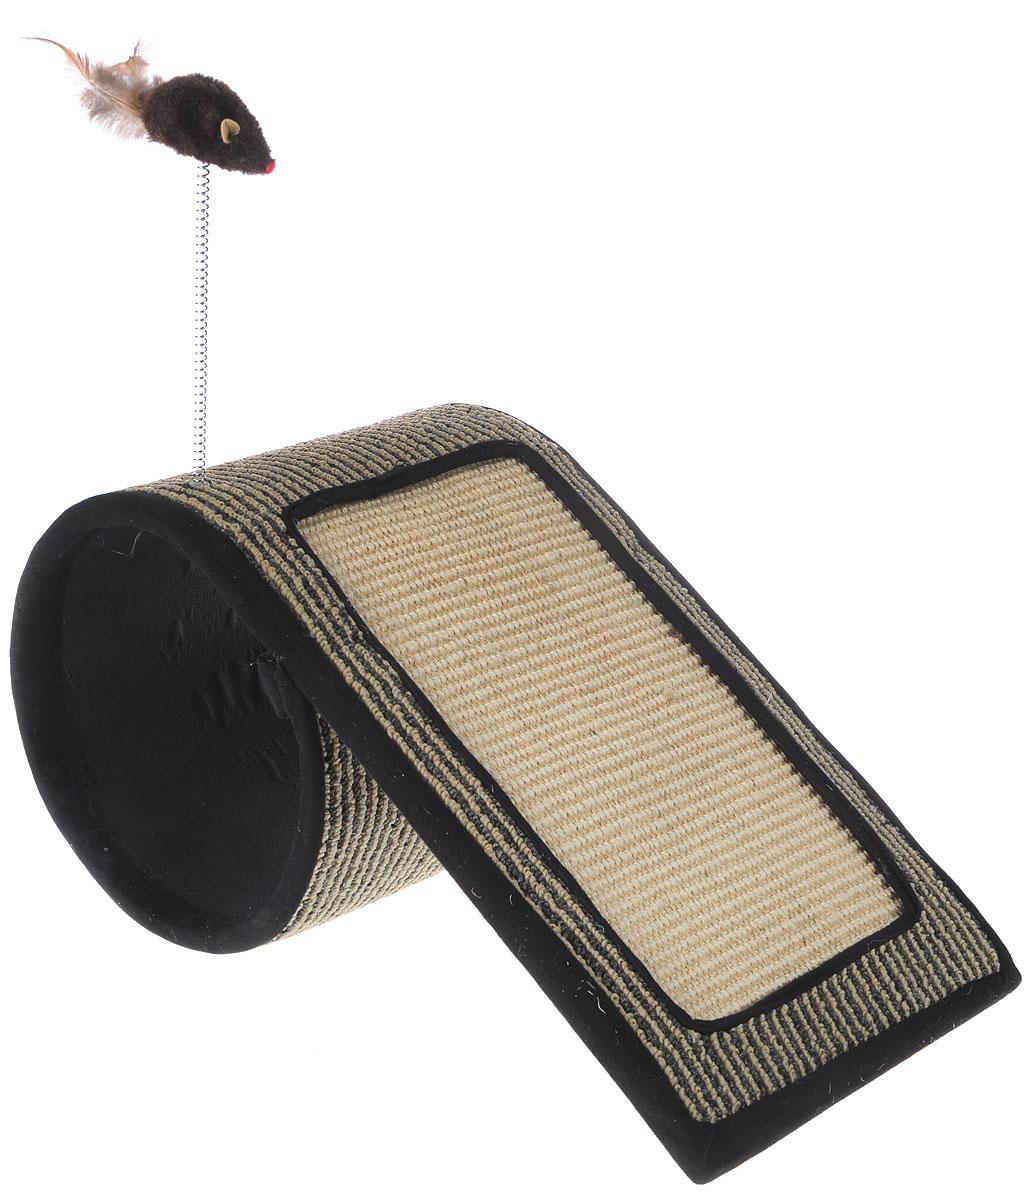 Когтеточка-туннель Triol, с игрушкой, 50 х 26 х 23NT145Когтеточка-туннель Triol станет любимым местом для вашего питомца. Мышка на пружине привлечет дополнительное внимание к когтеточке. Изделие выполнено из ДСП, текстиля, ковролина и сизаля. Структура материала когтеточки позволяет кошачьим лапкам проникать внутрь и извлекаться с высоким трением, так что ороговевшие частички когтя остаются внутри волокон. По своей природе сизаль обладает уникальным антистатическим свойством, следовательно, когтеточка не накапливает пыль, что является дополнительным привлекательным качеством, поскольку облегчает процесс уборки.